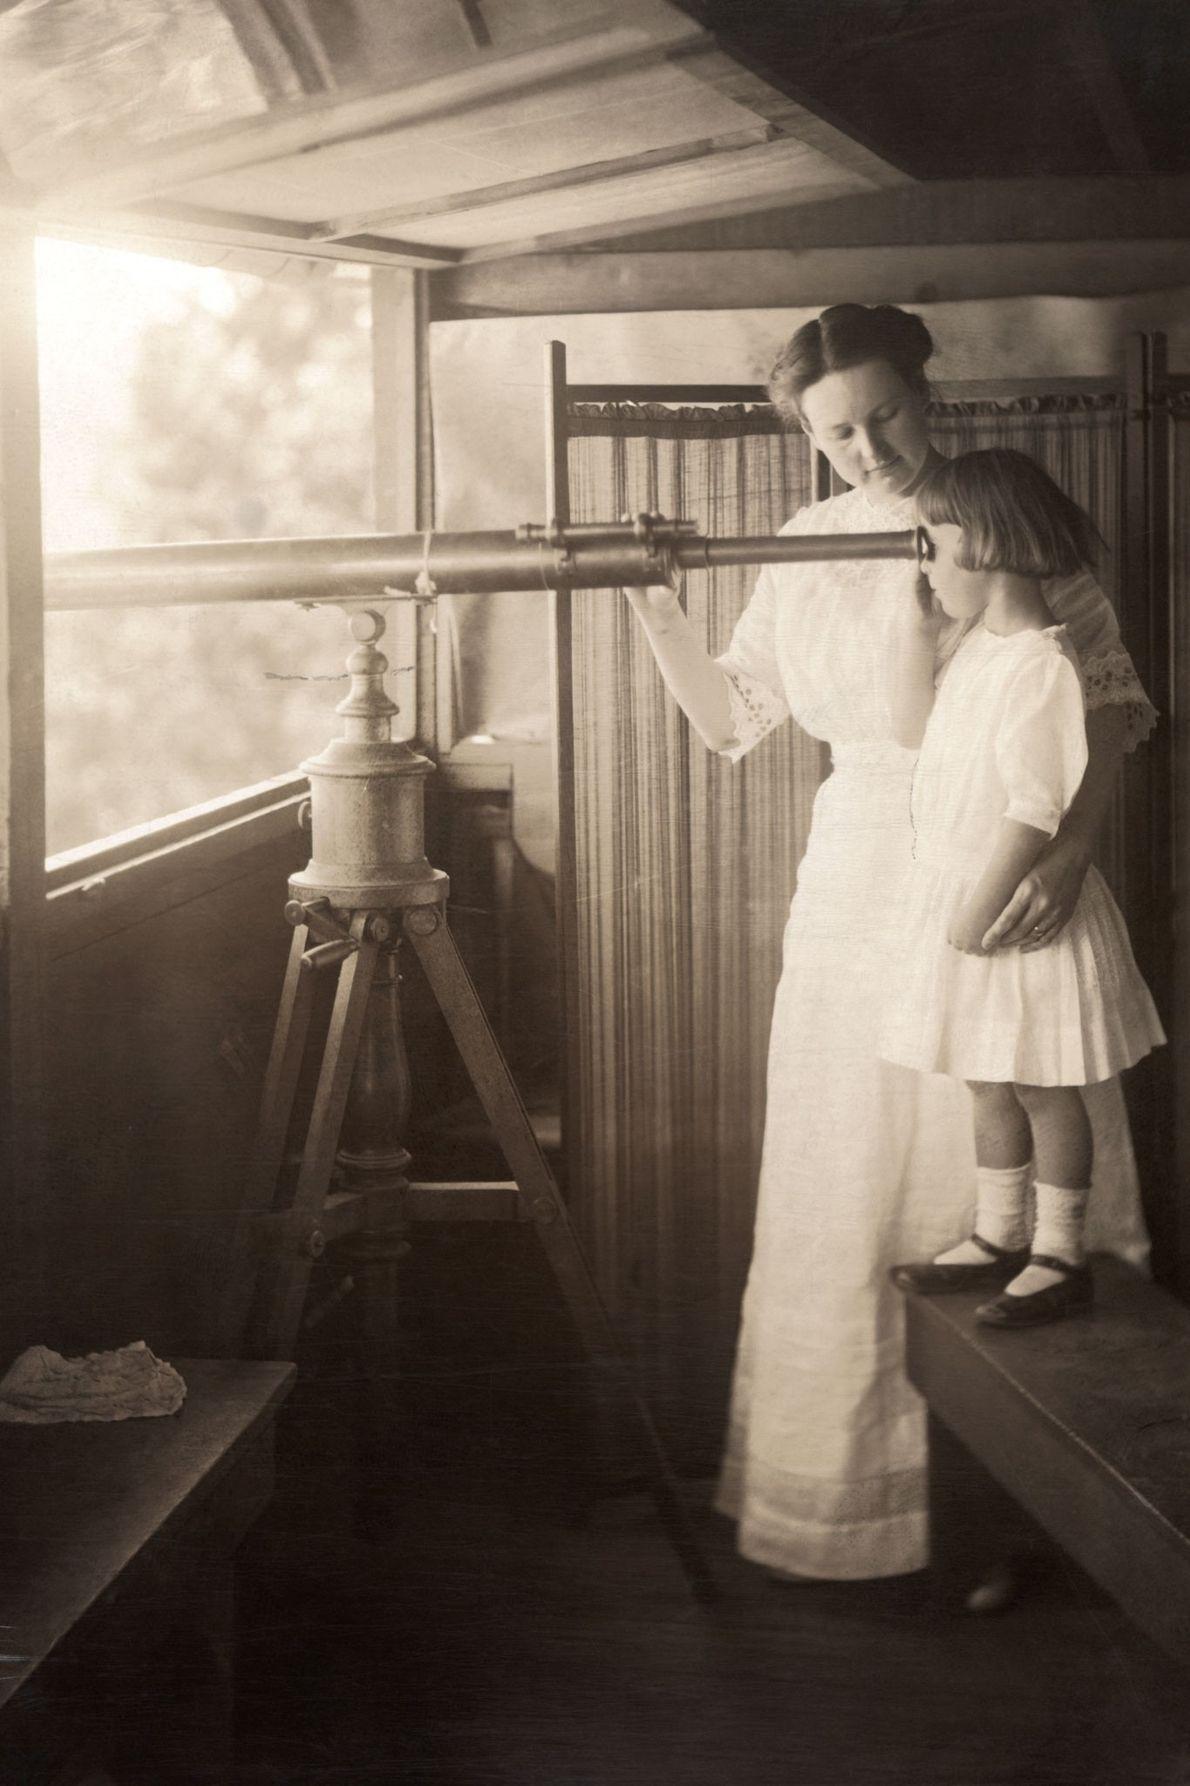 Uma mãe e a filha observam um sinal de incêndio.